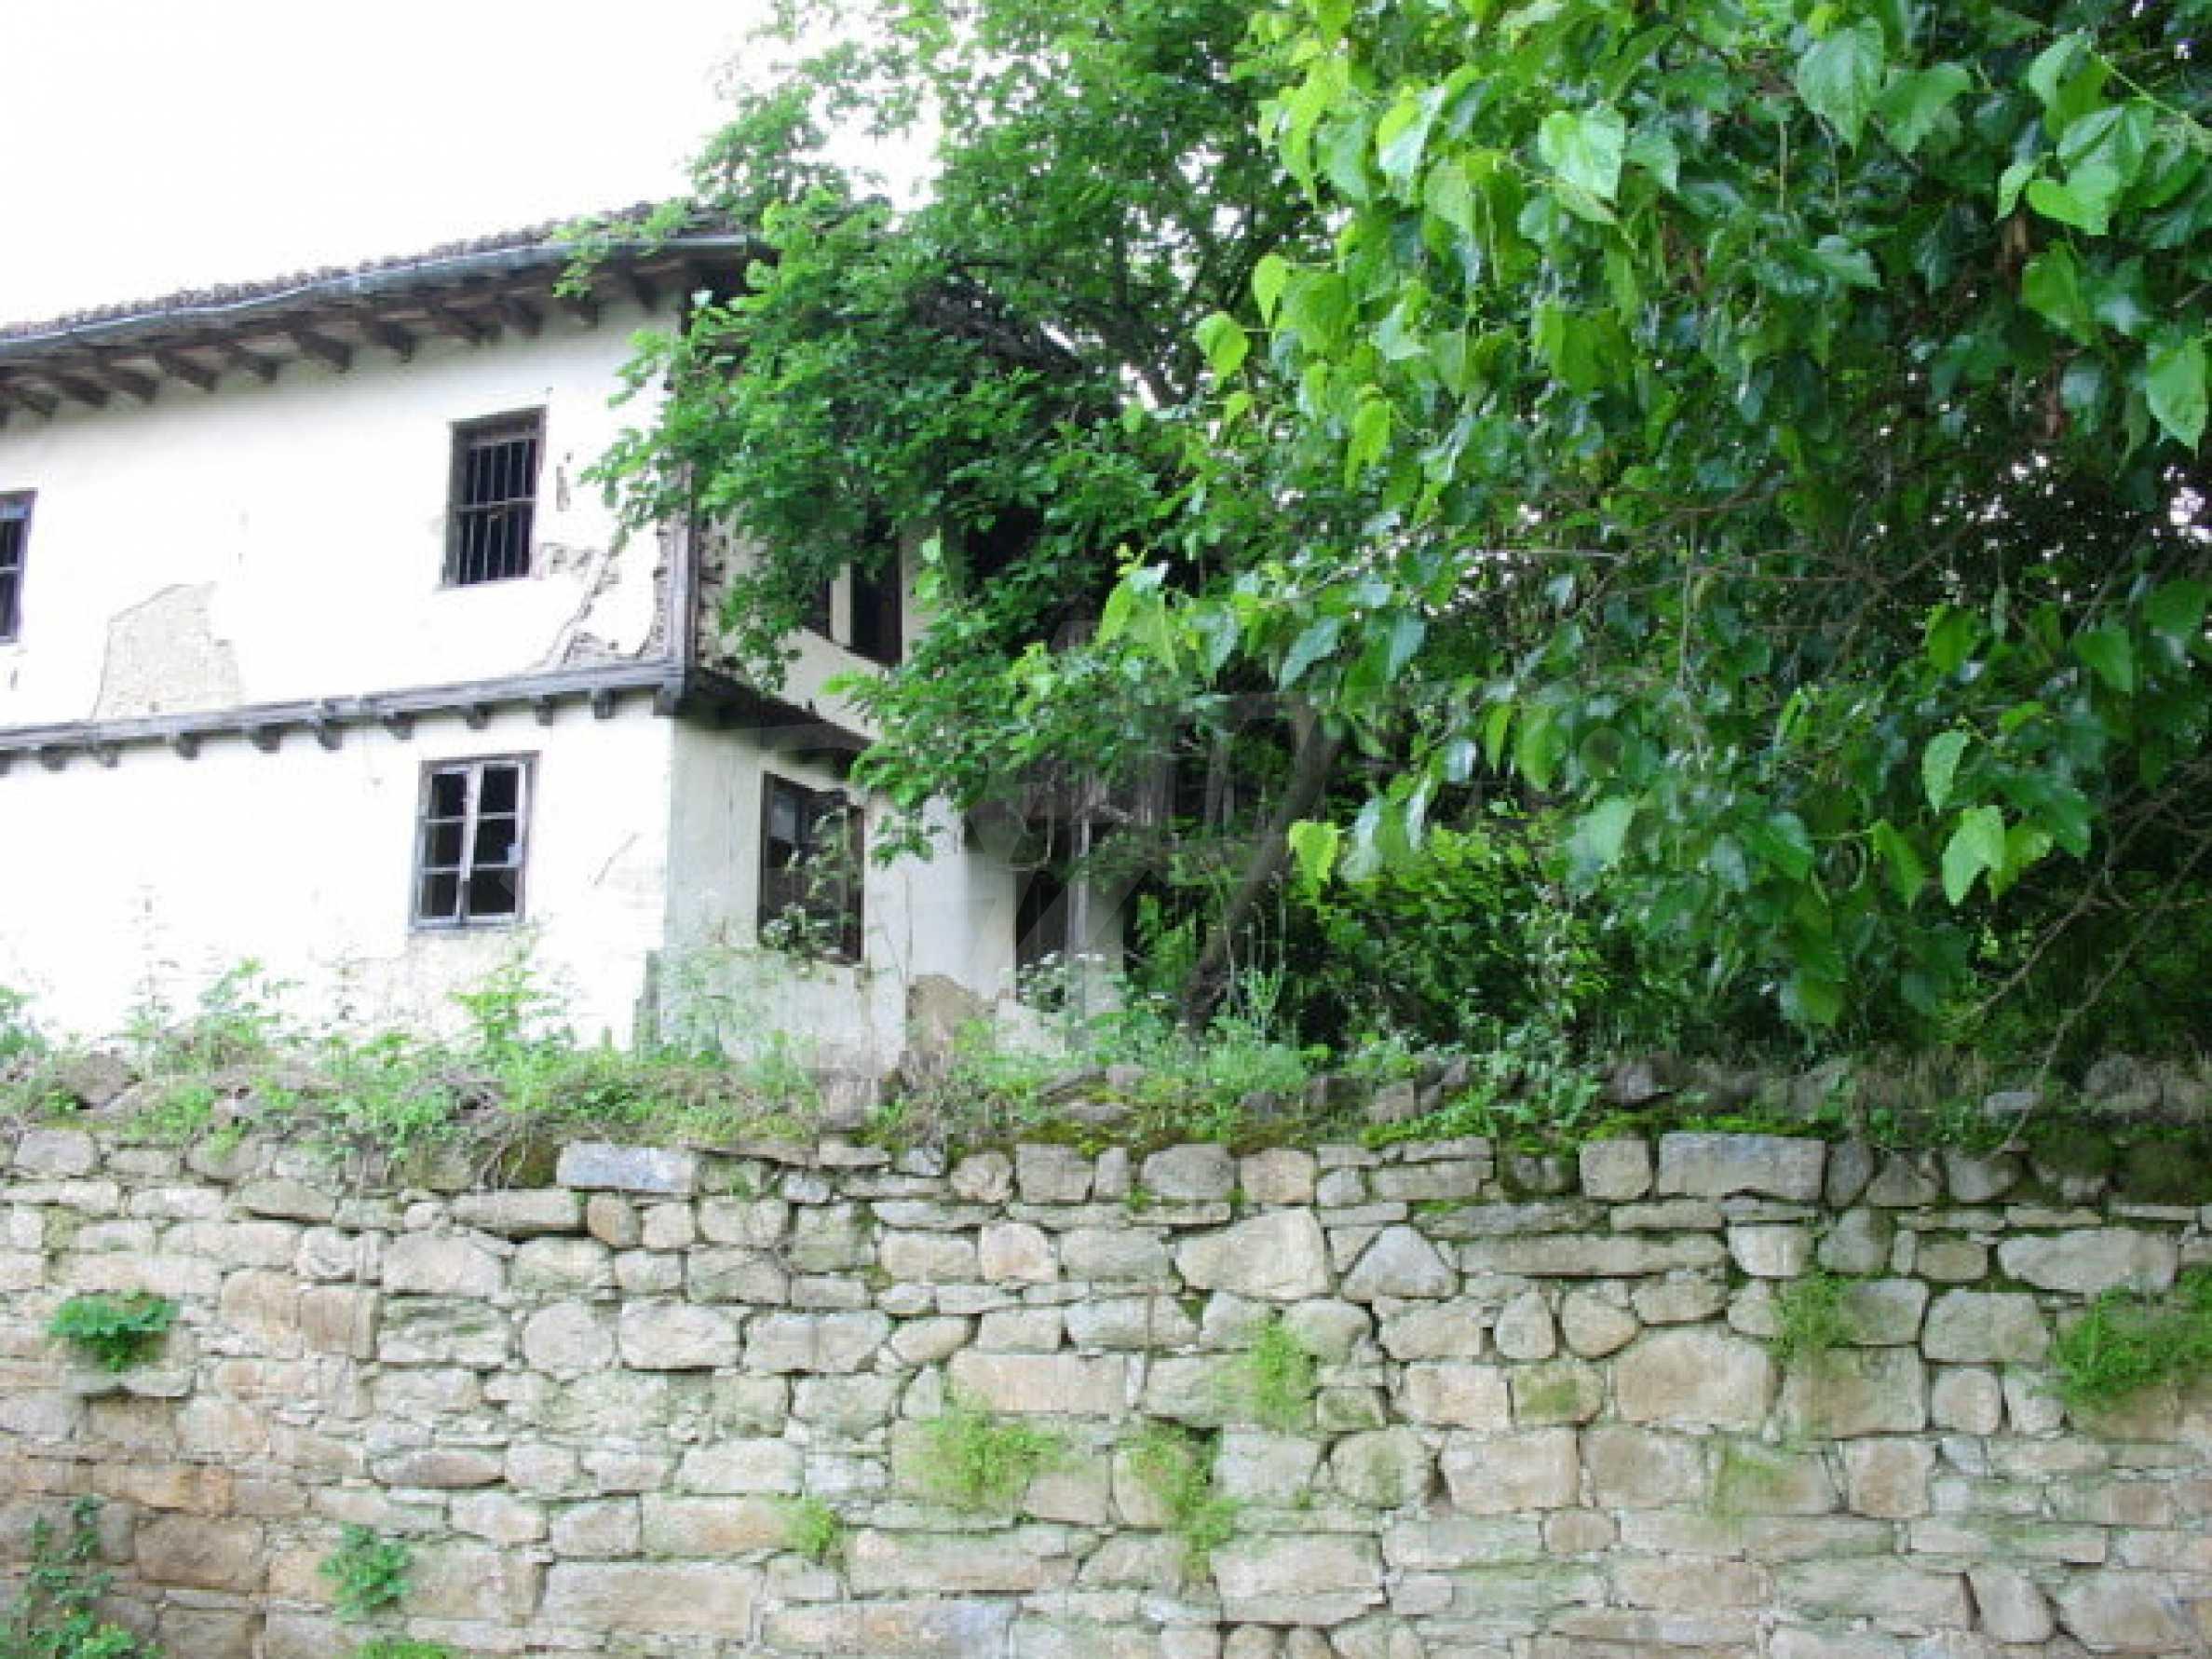 Двухэатжный дом, выстроенный в традиционном болгарском стиле 17